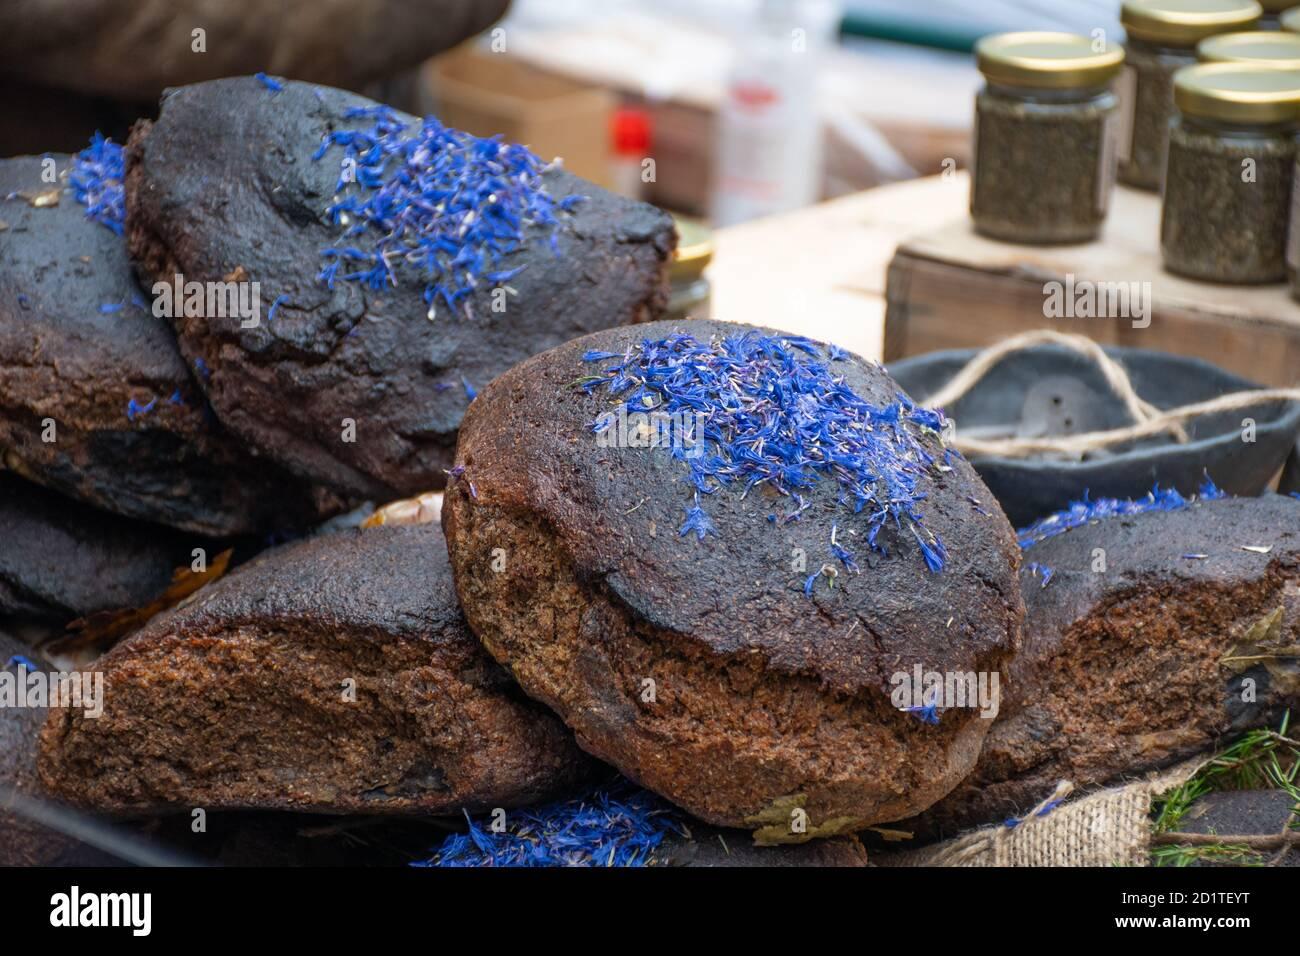 Negro casero y Juniper cereales pan con semillas de cáñamo en un mercado tradicional de alimentos de la calle Foto de stock